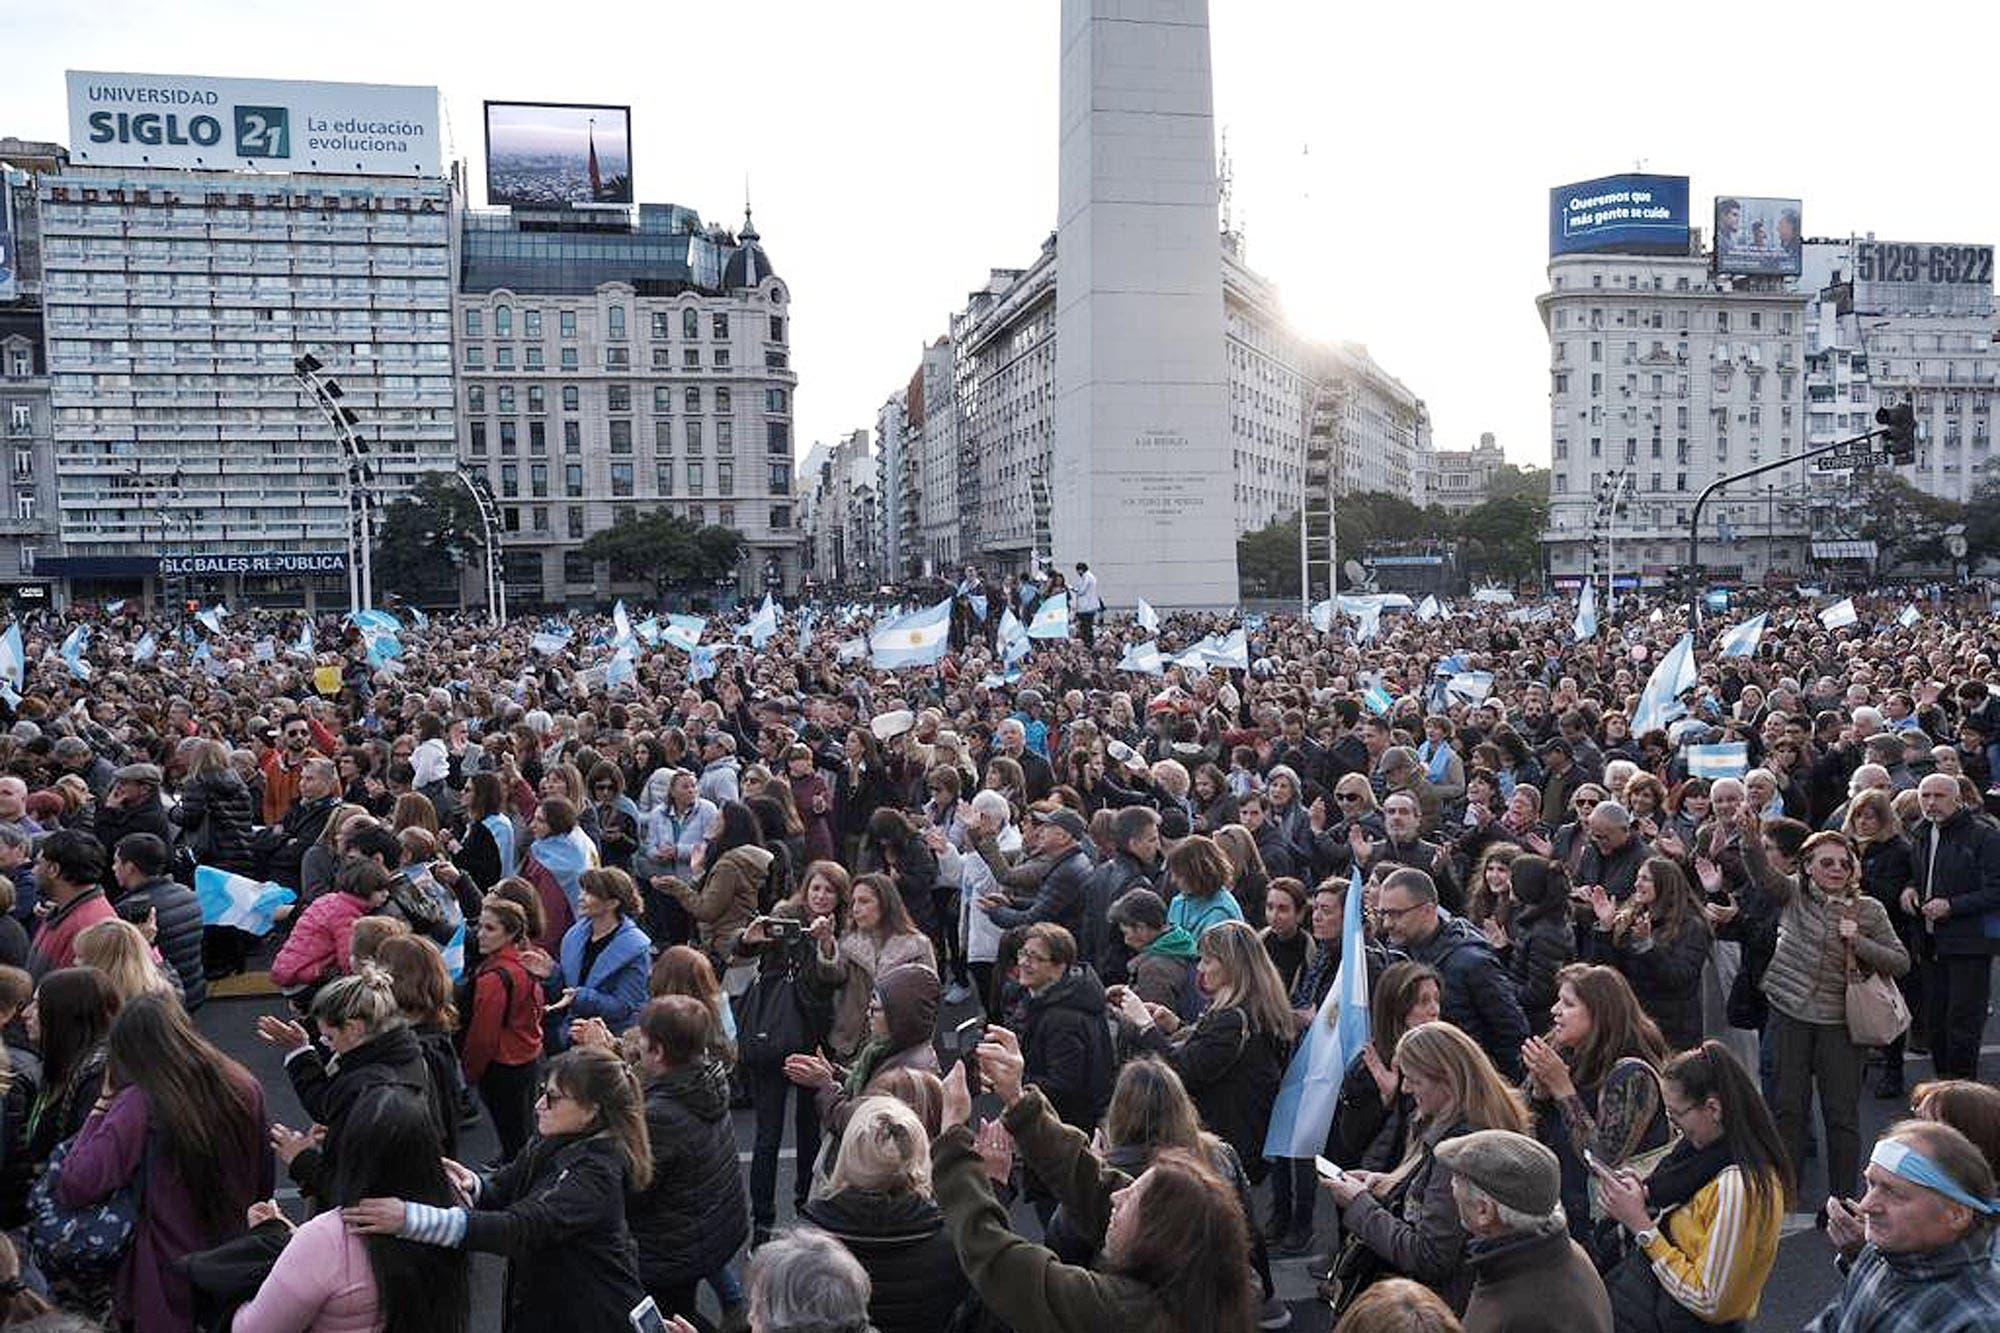 #24A: con pancartas y pedidos de fiscalizar mejor en octubre, marcharon en el centro porteño